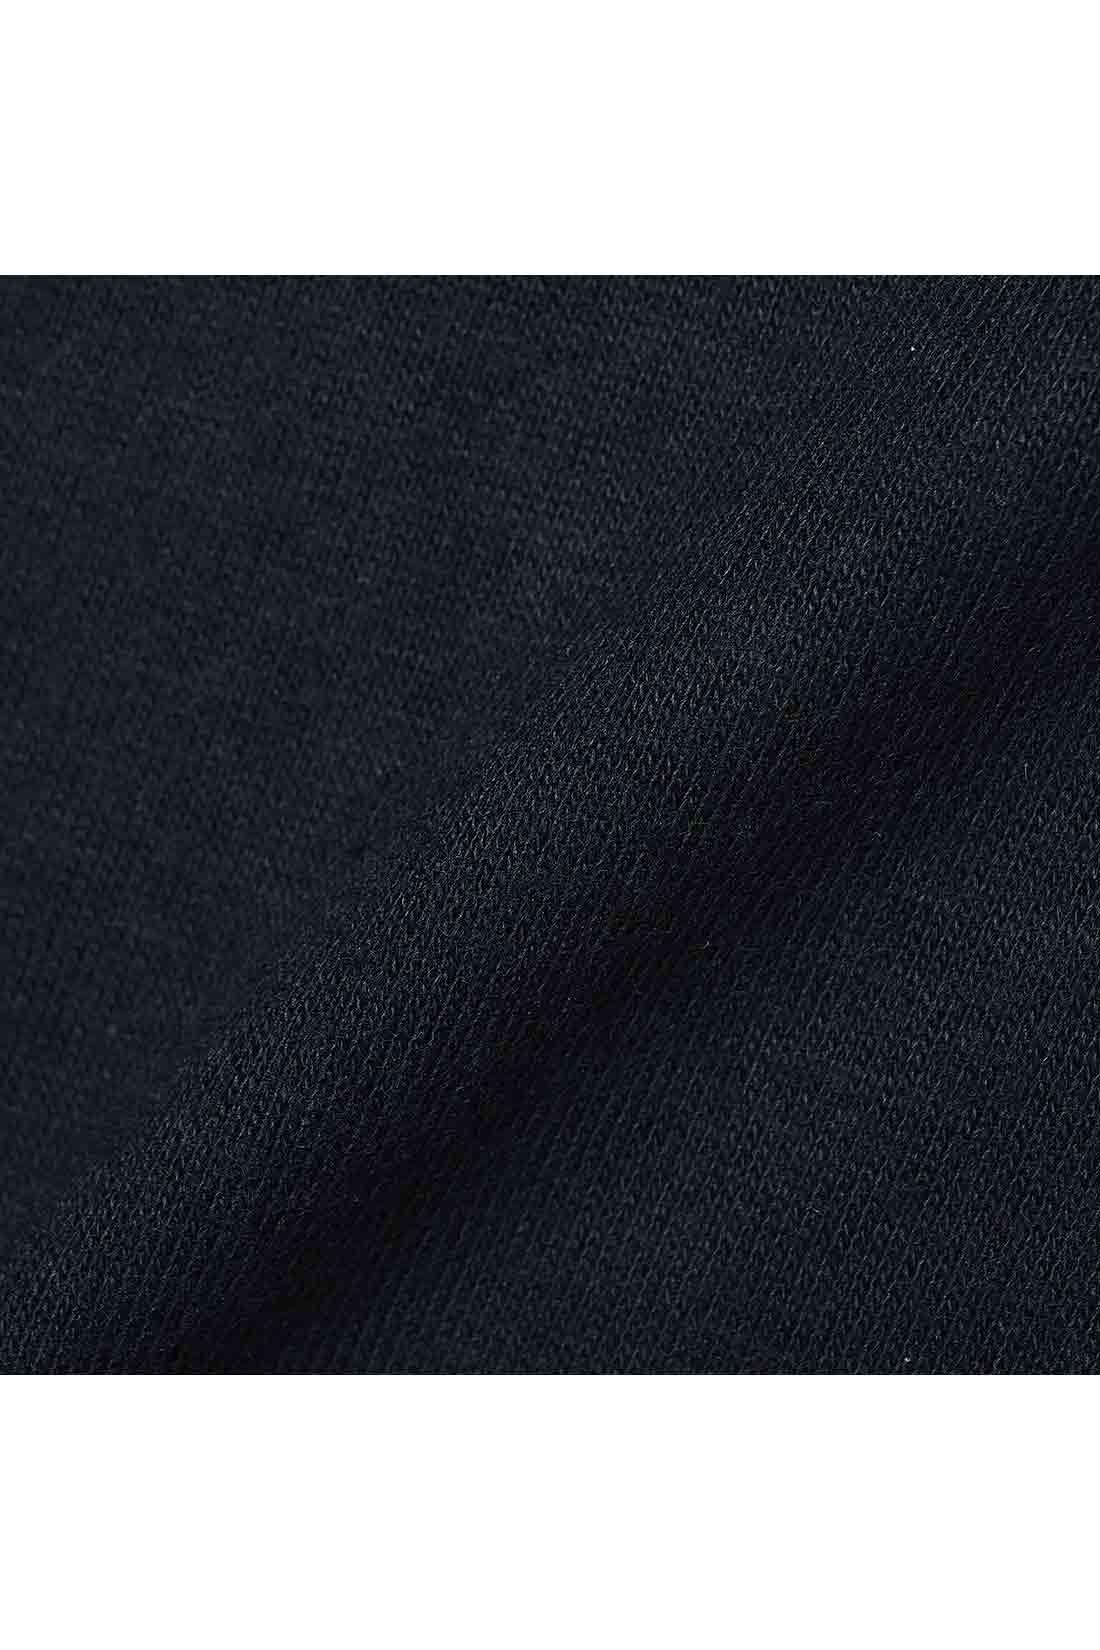 着心地も印象もふんわり暖か ほんのり毛羽感のある素材は、肌ざわりがやわらかく、暖かな着心地。